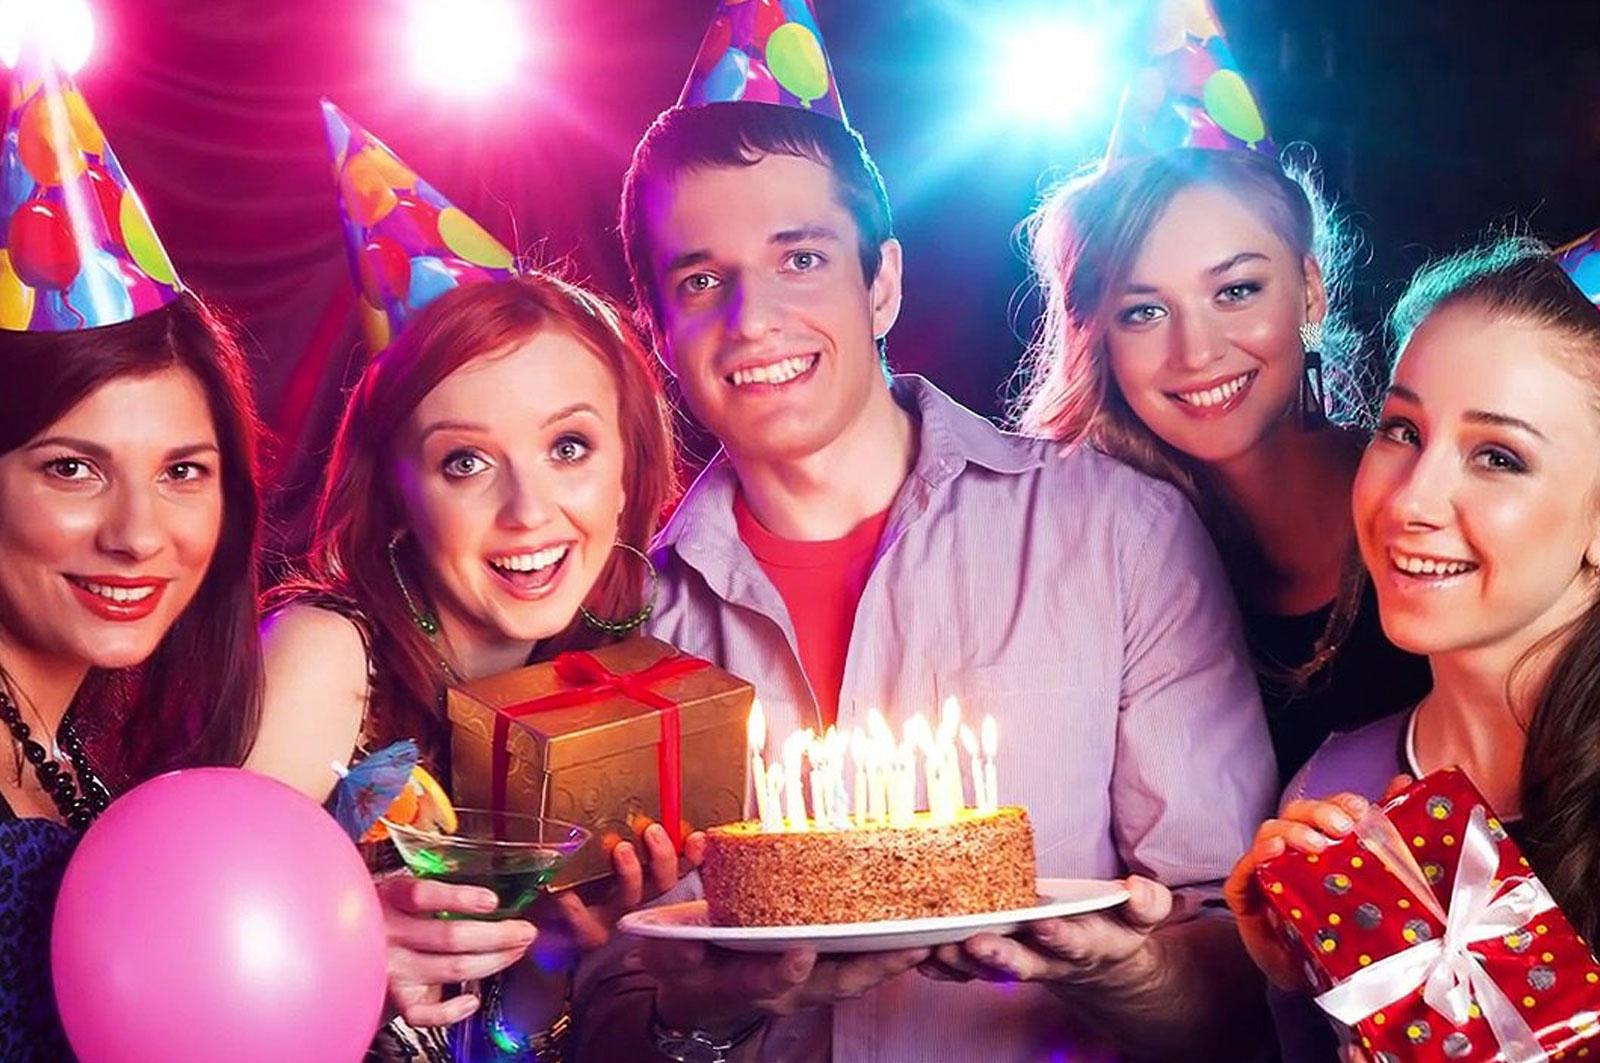 Много сюрпризов день рождения поздравления